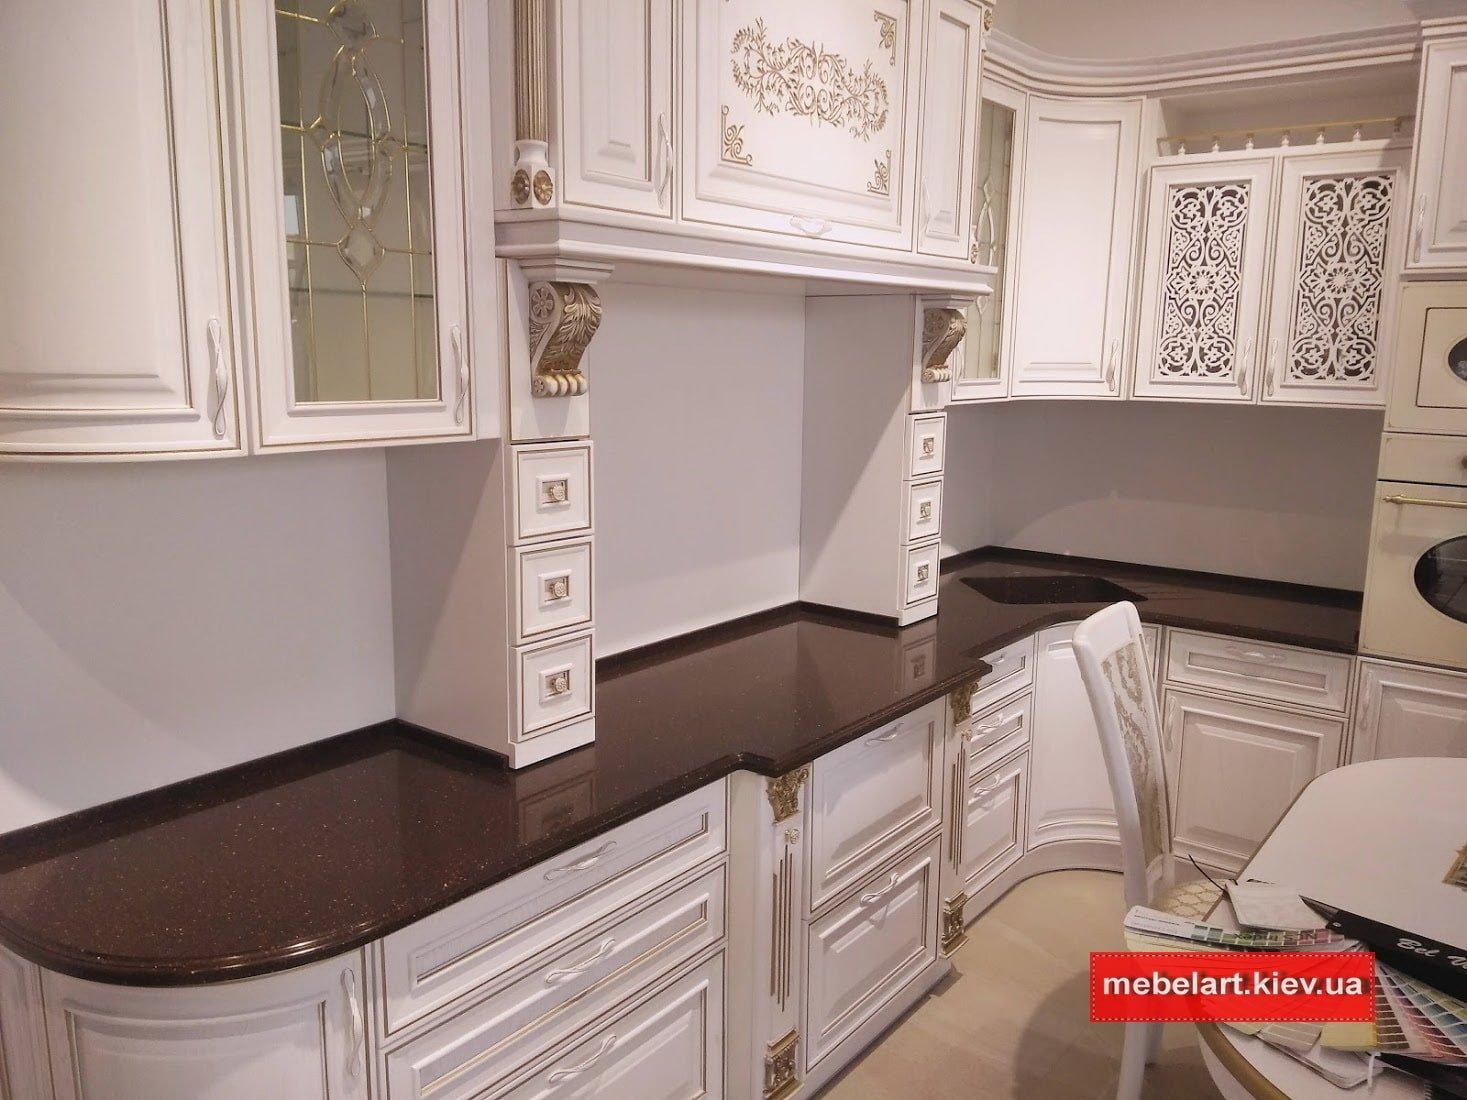 Кухни классические из дерева дизайн